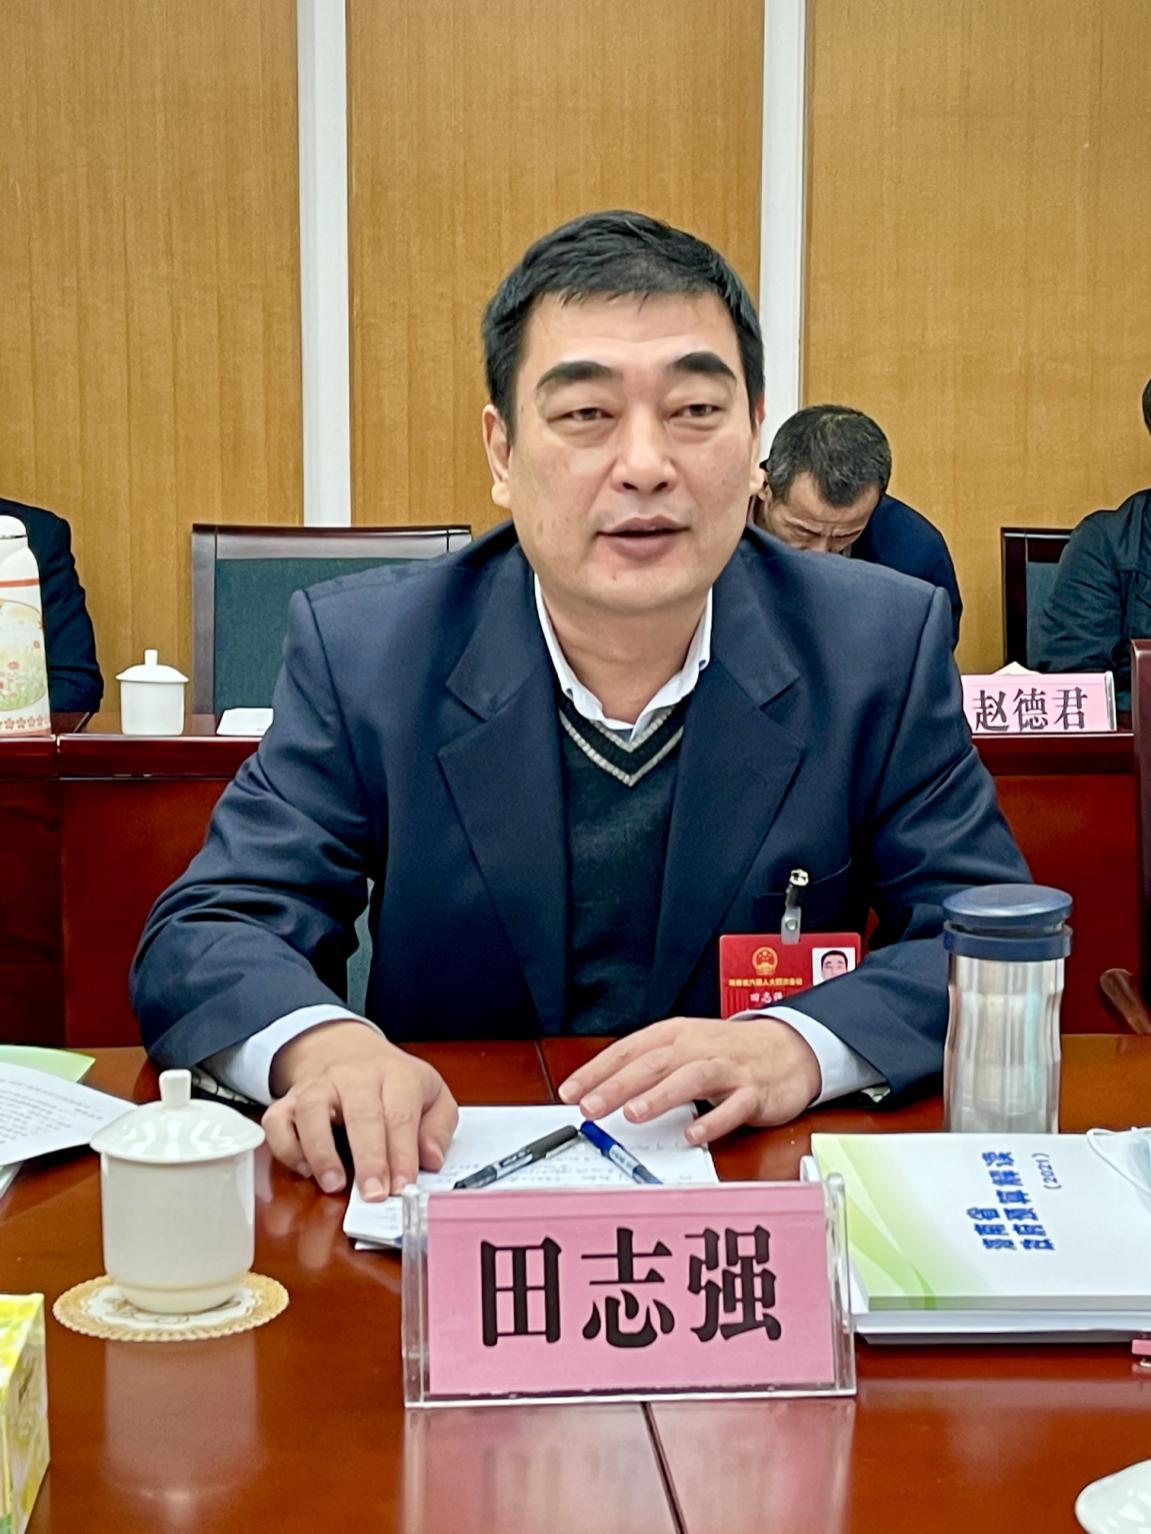 屯昌县委书记 田志强 屯昌宣传部供图